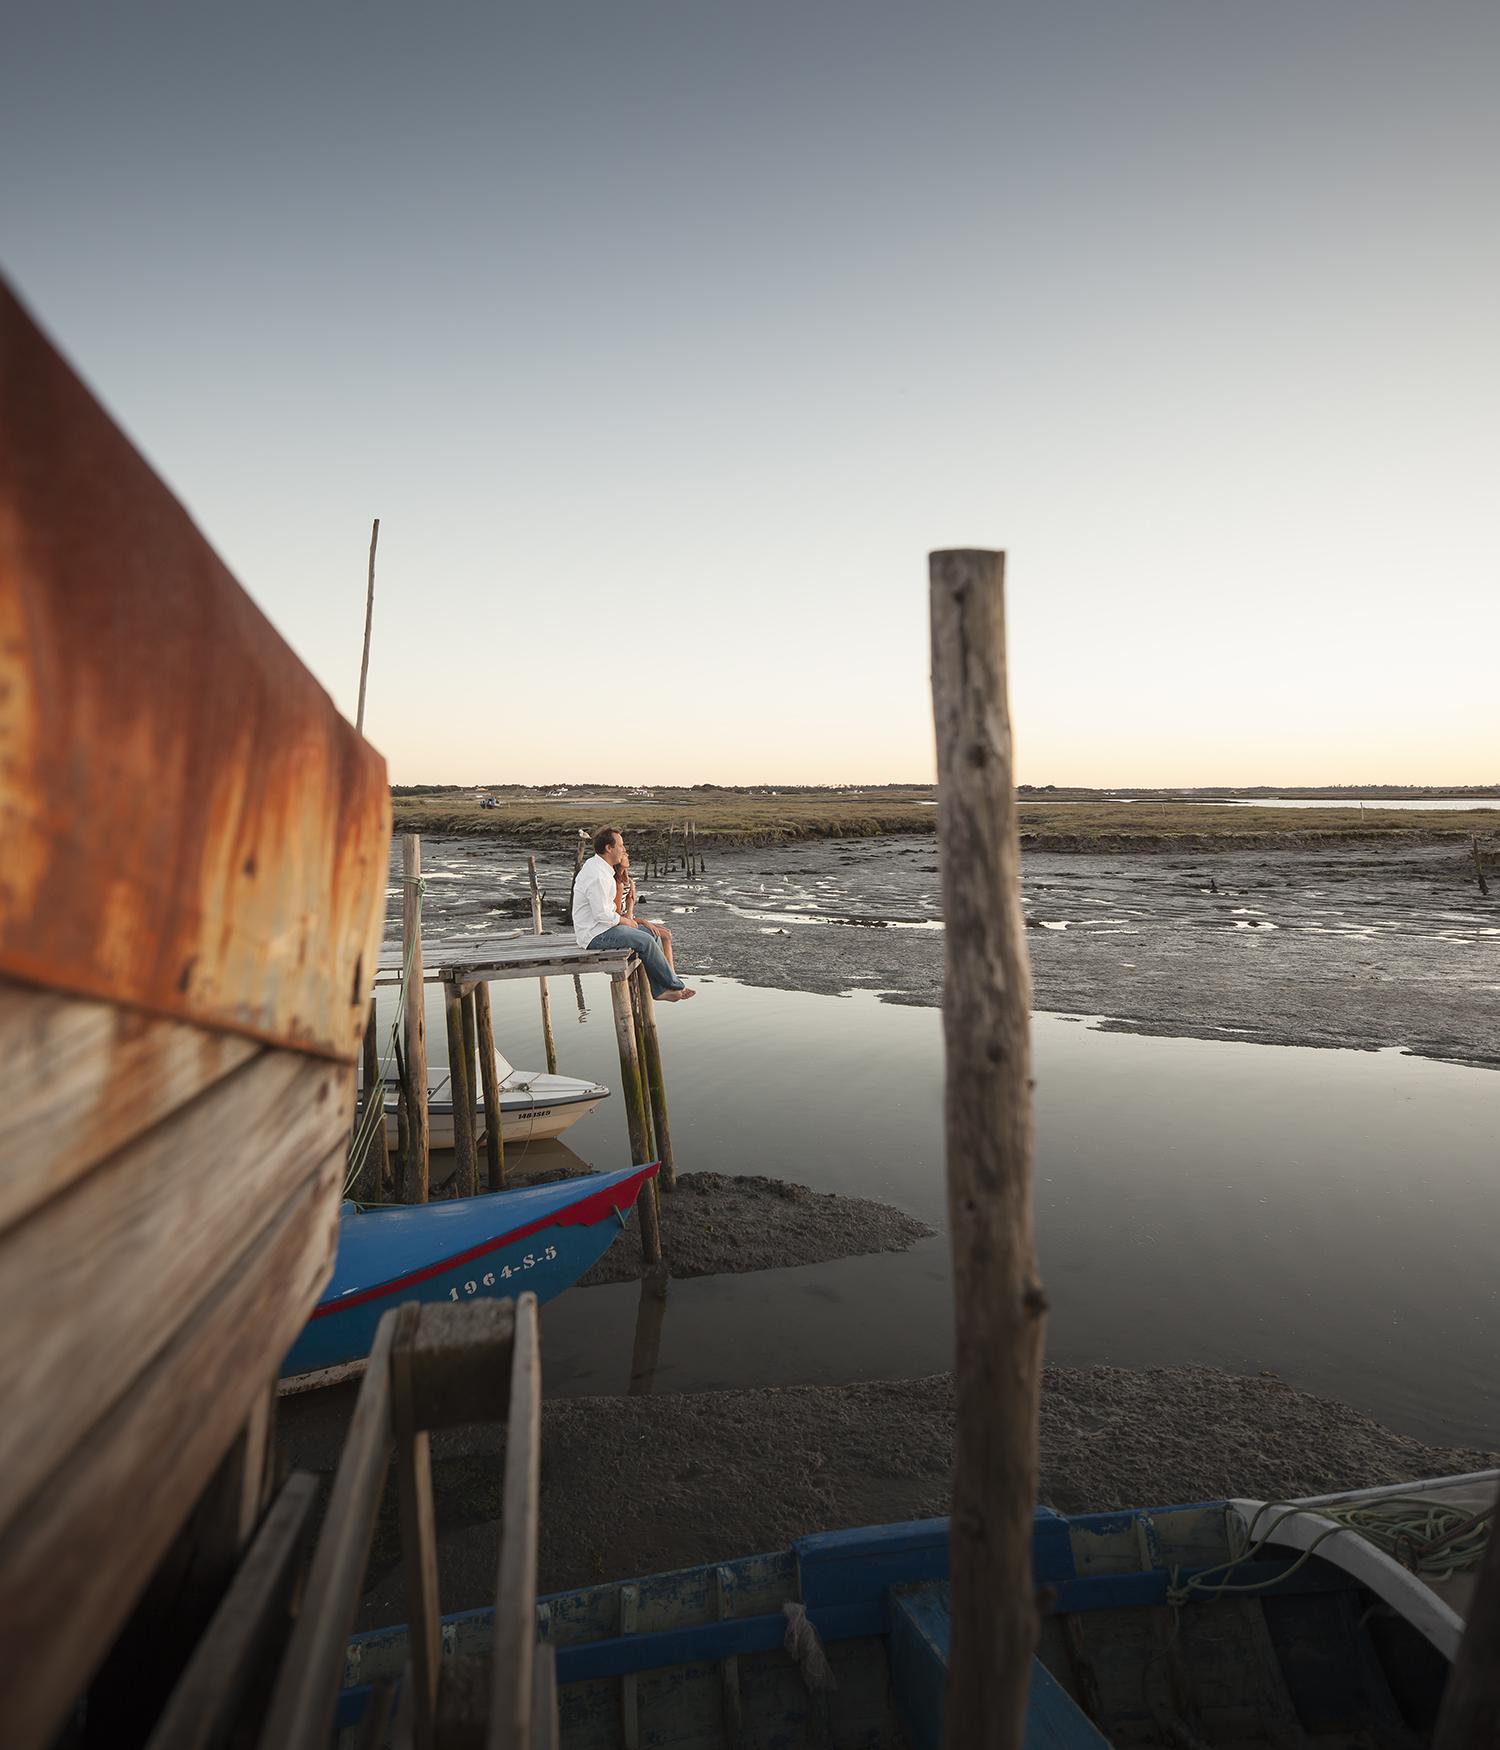 sessao-fotografica-casal-cais-palafitico-carrasqueira-comporta-terra-fotografia-19.jpg